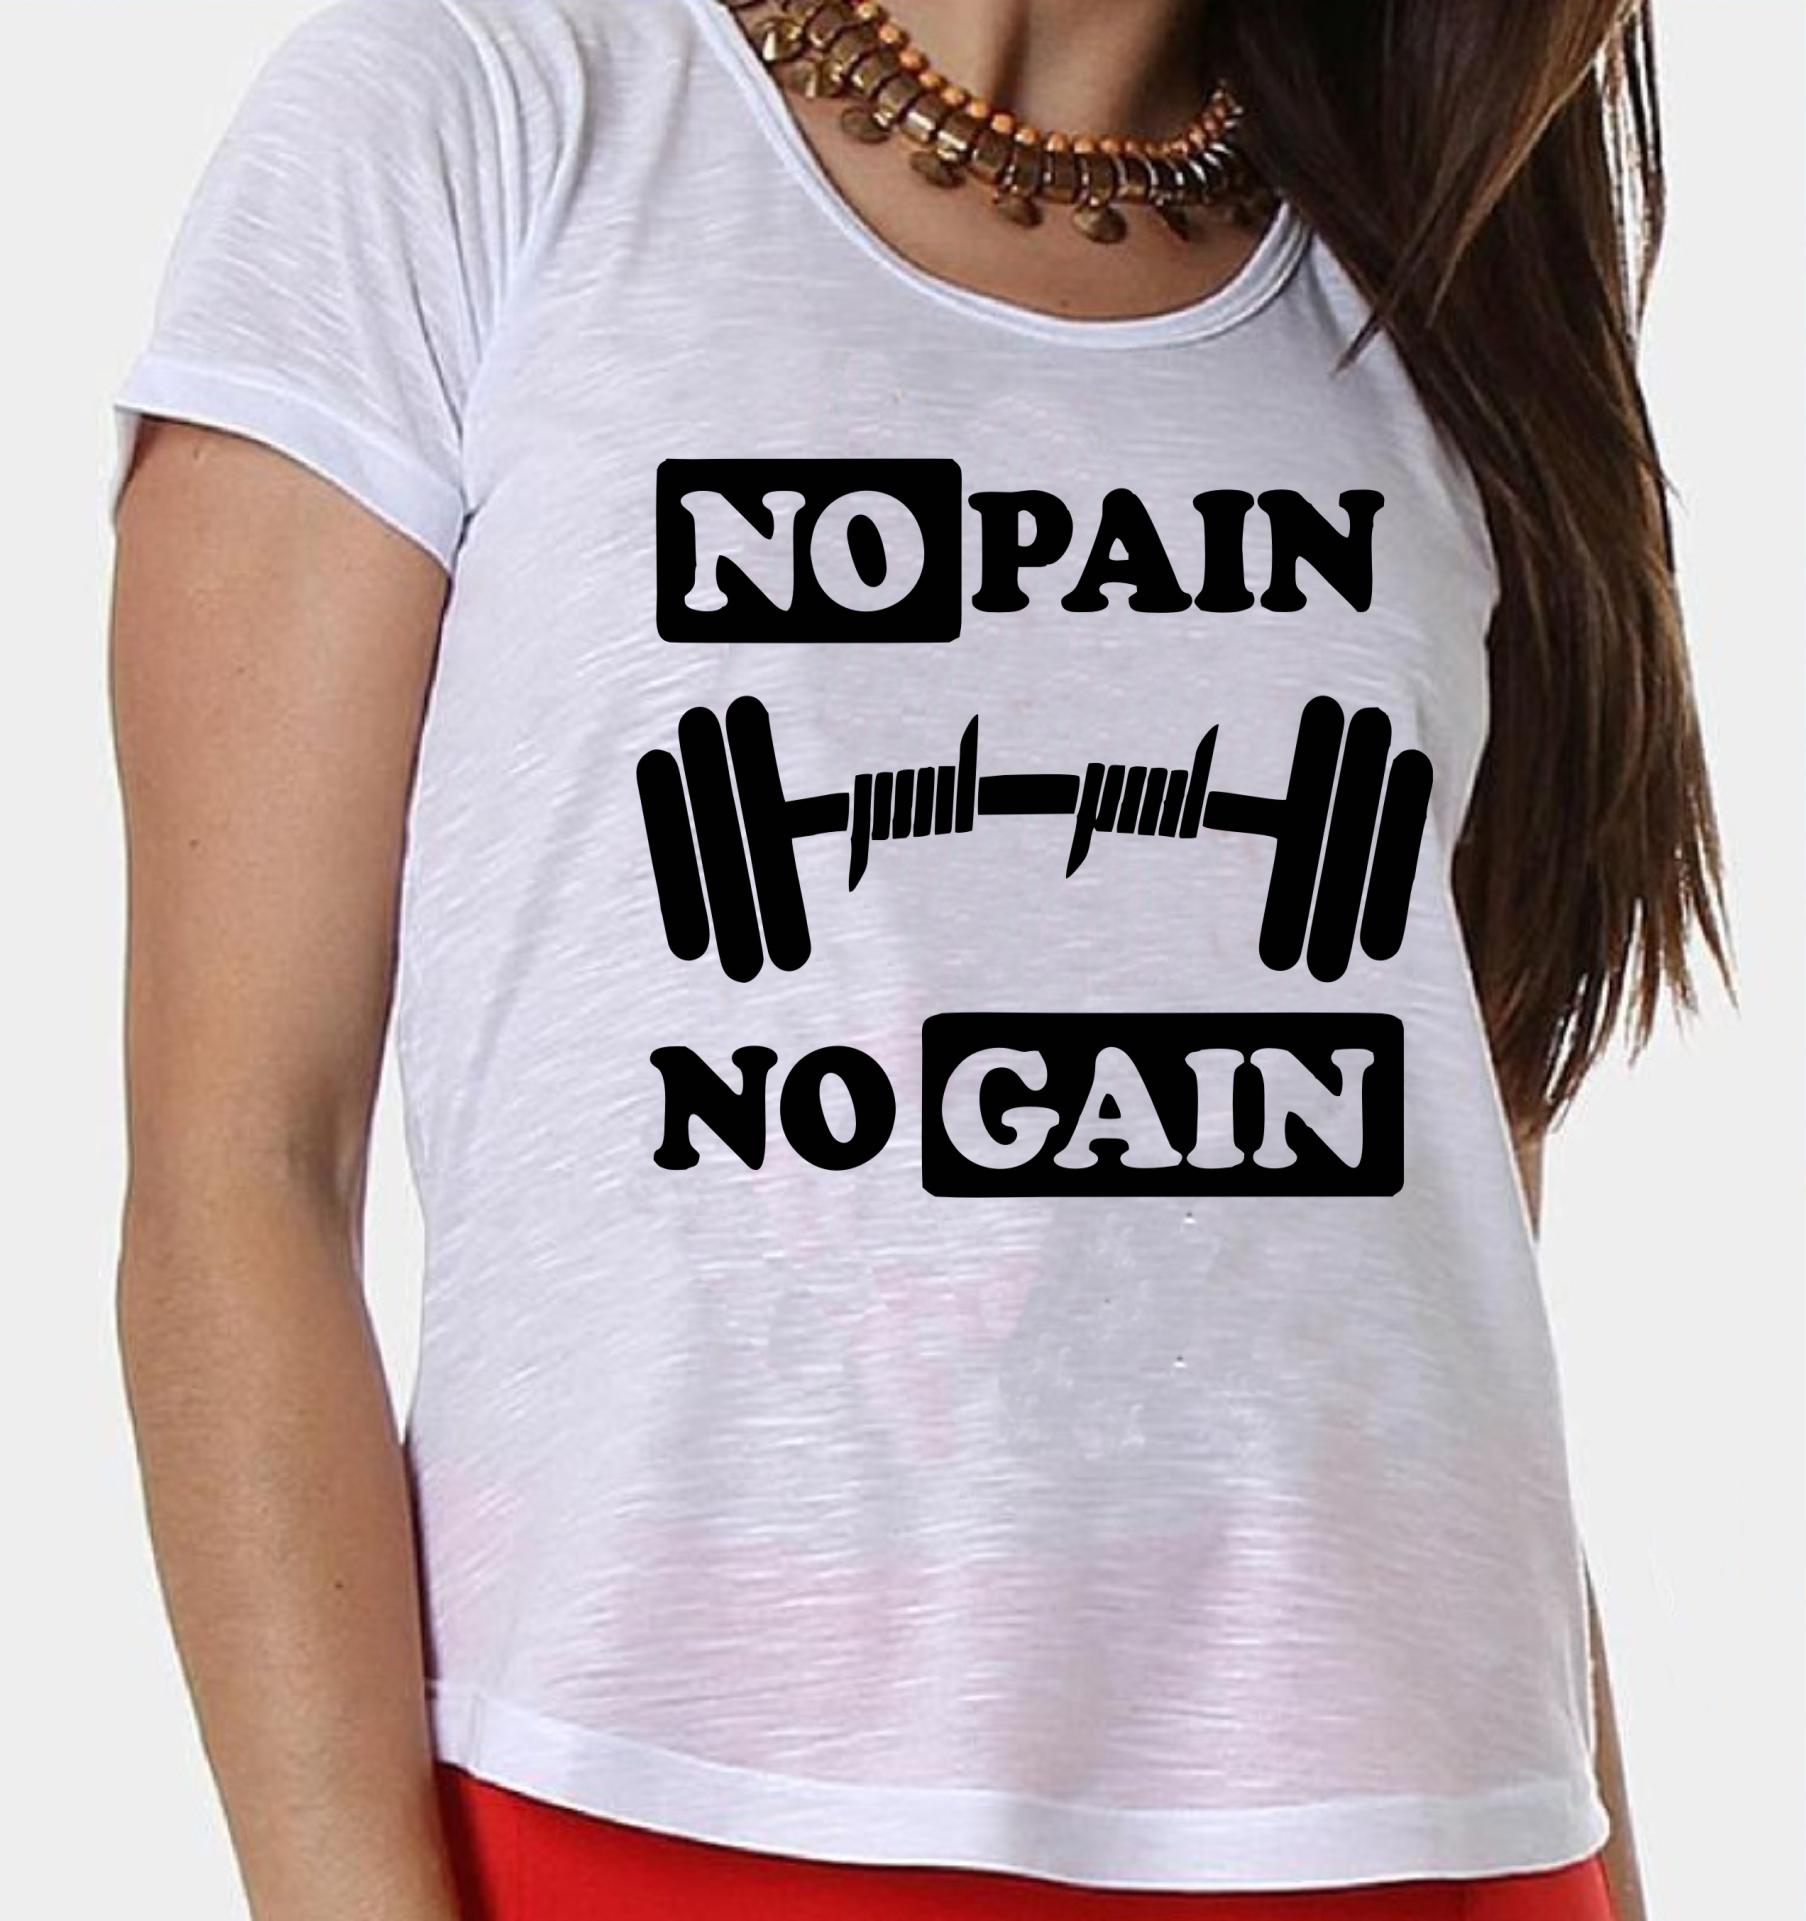 Camiseta Regata No Pain No Gain  7d09f9c4663b1